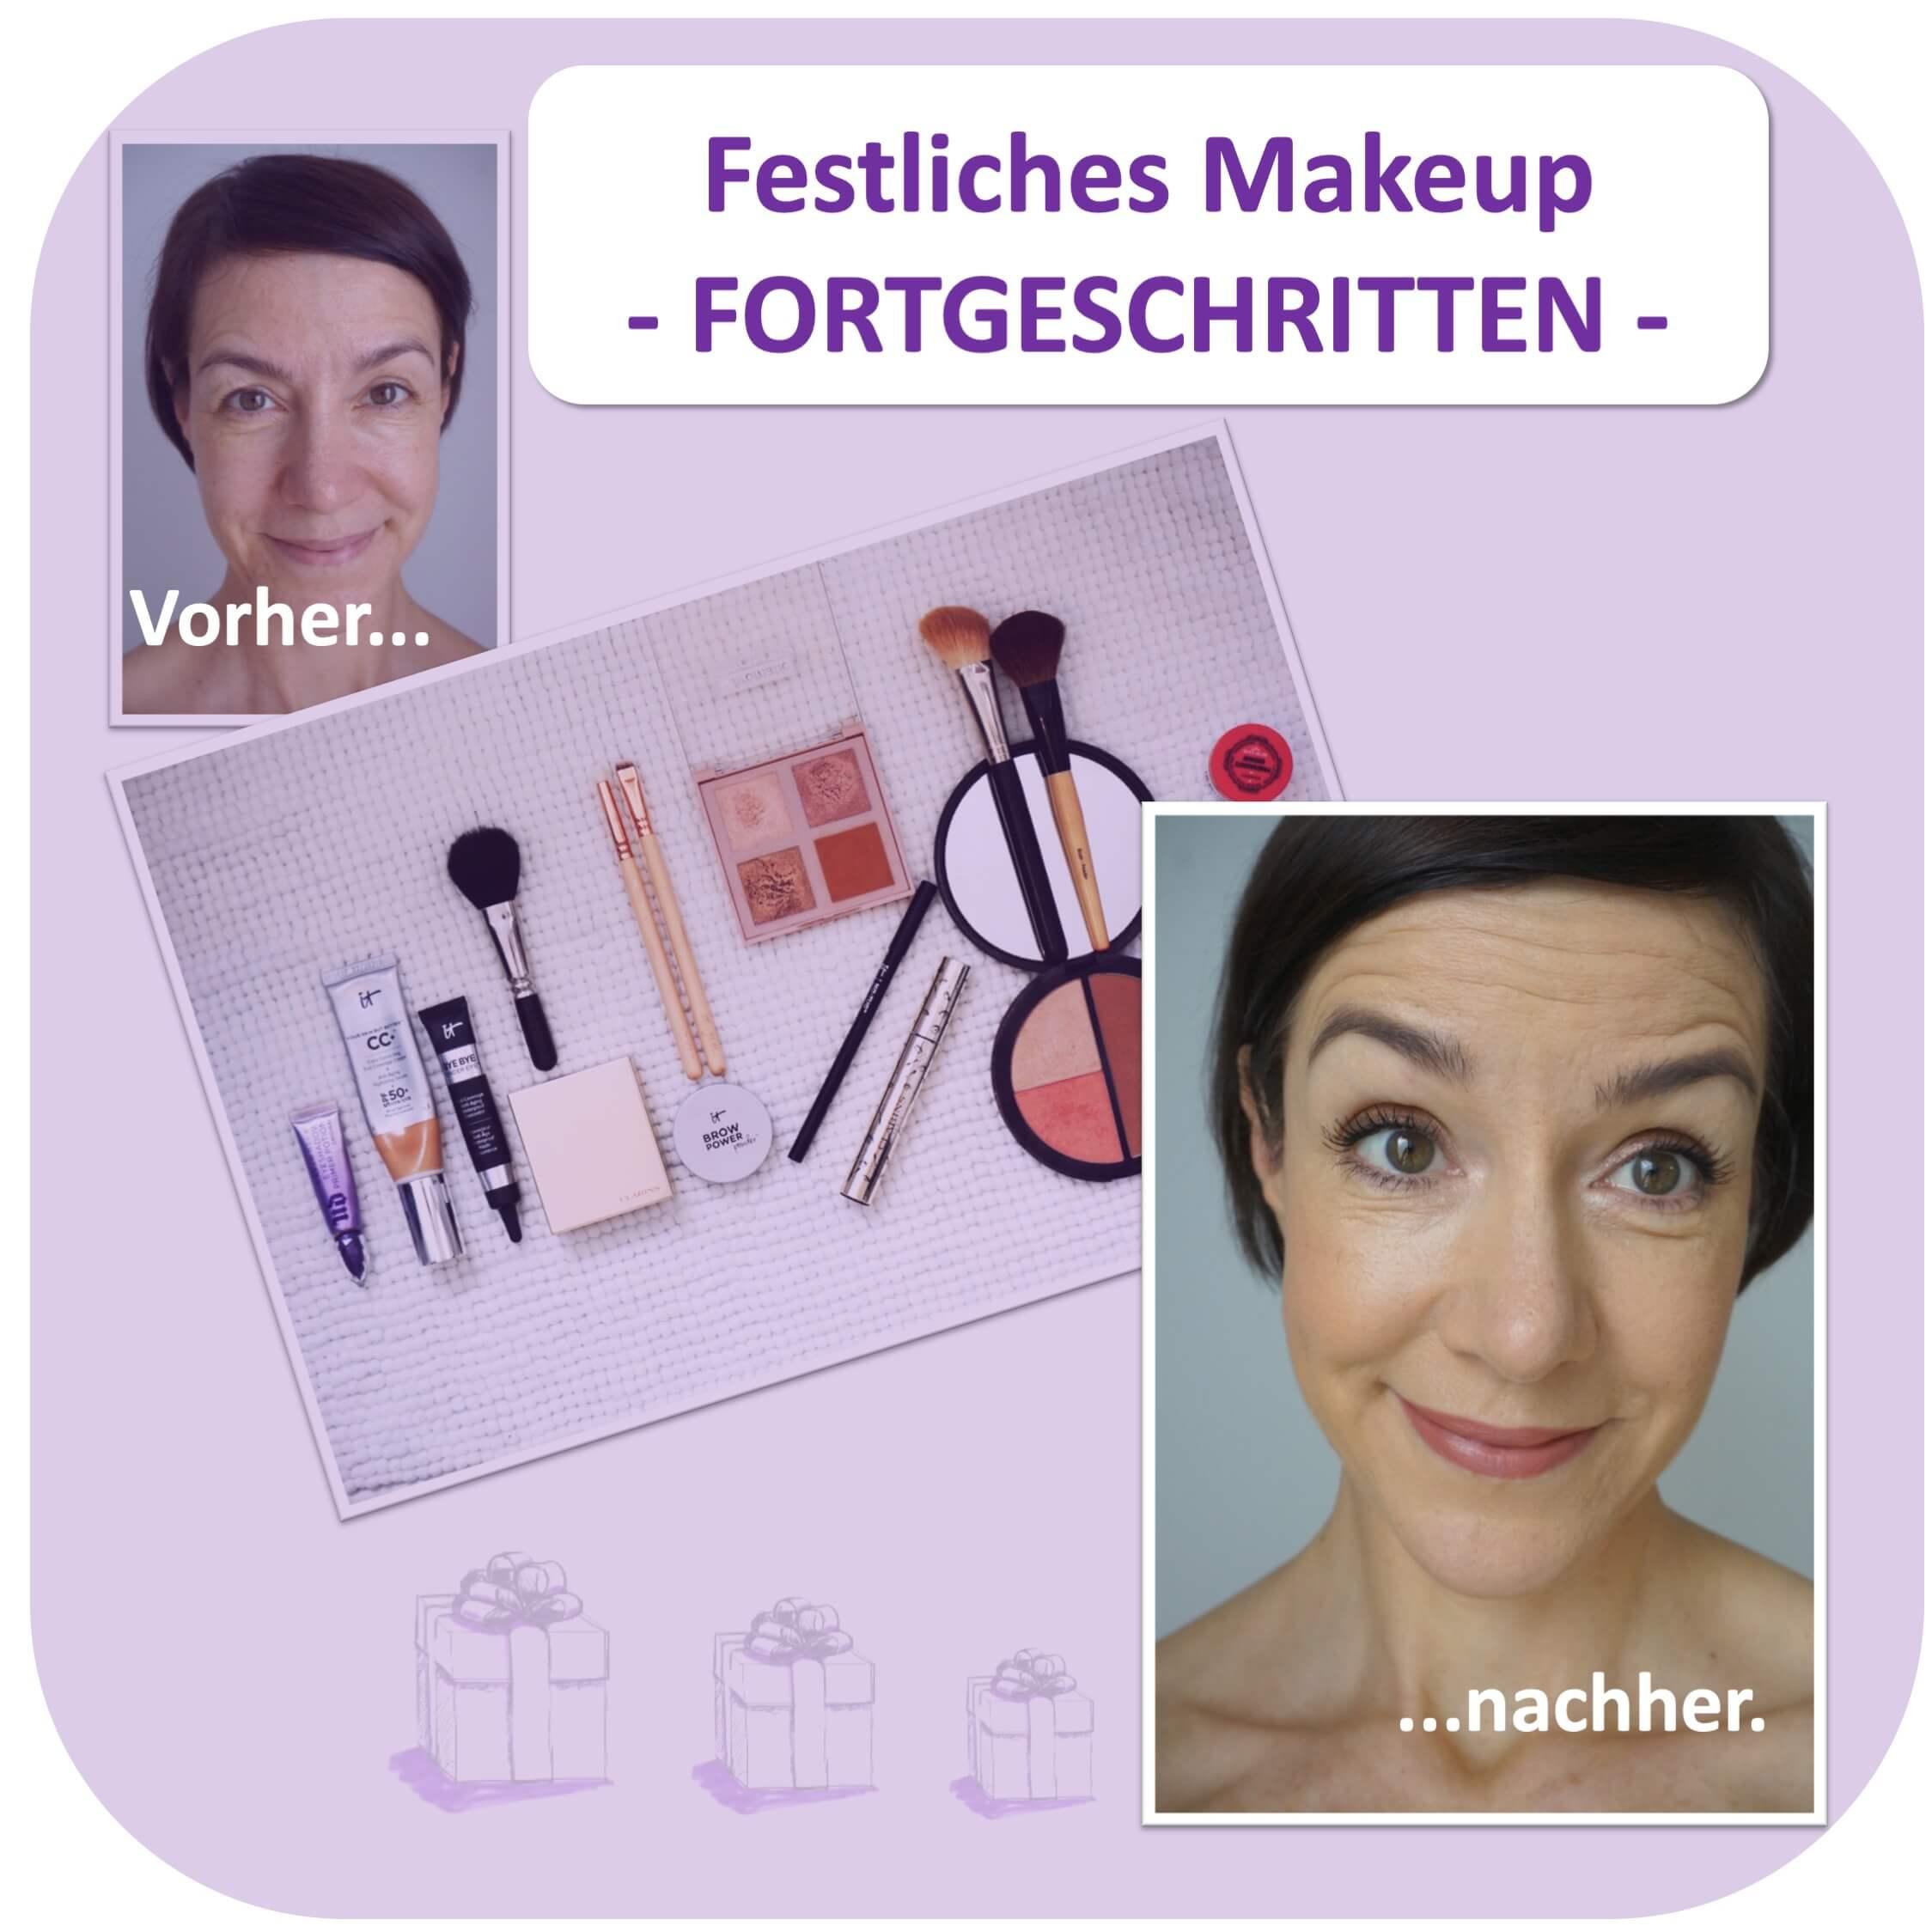 Dieses Vorher-Nachher-Bild zeigt das festliche Makeup für Fortgeschrittene, das Anja als Schritt-für-Schritt-Anleitung vorbereitet hat.